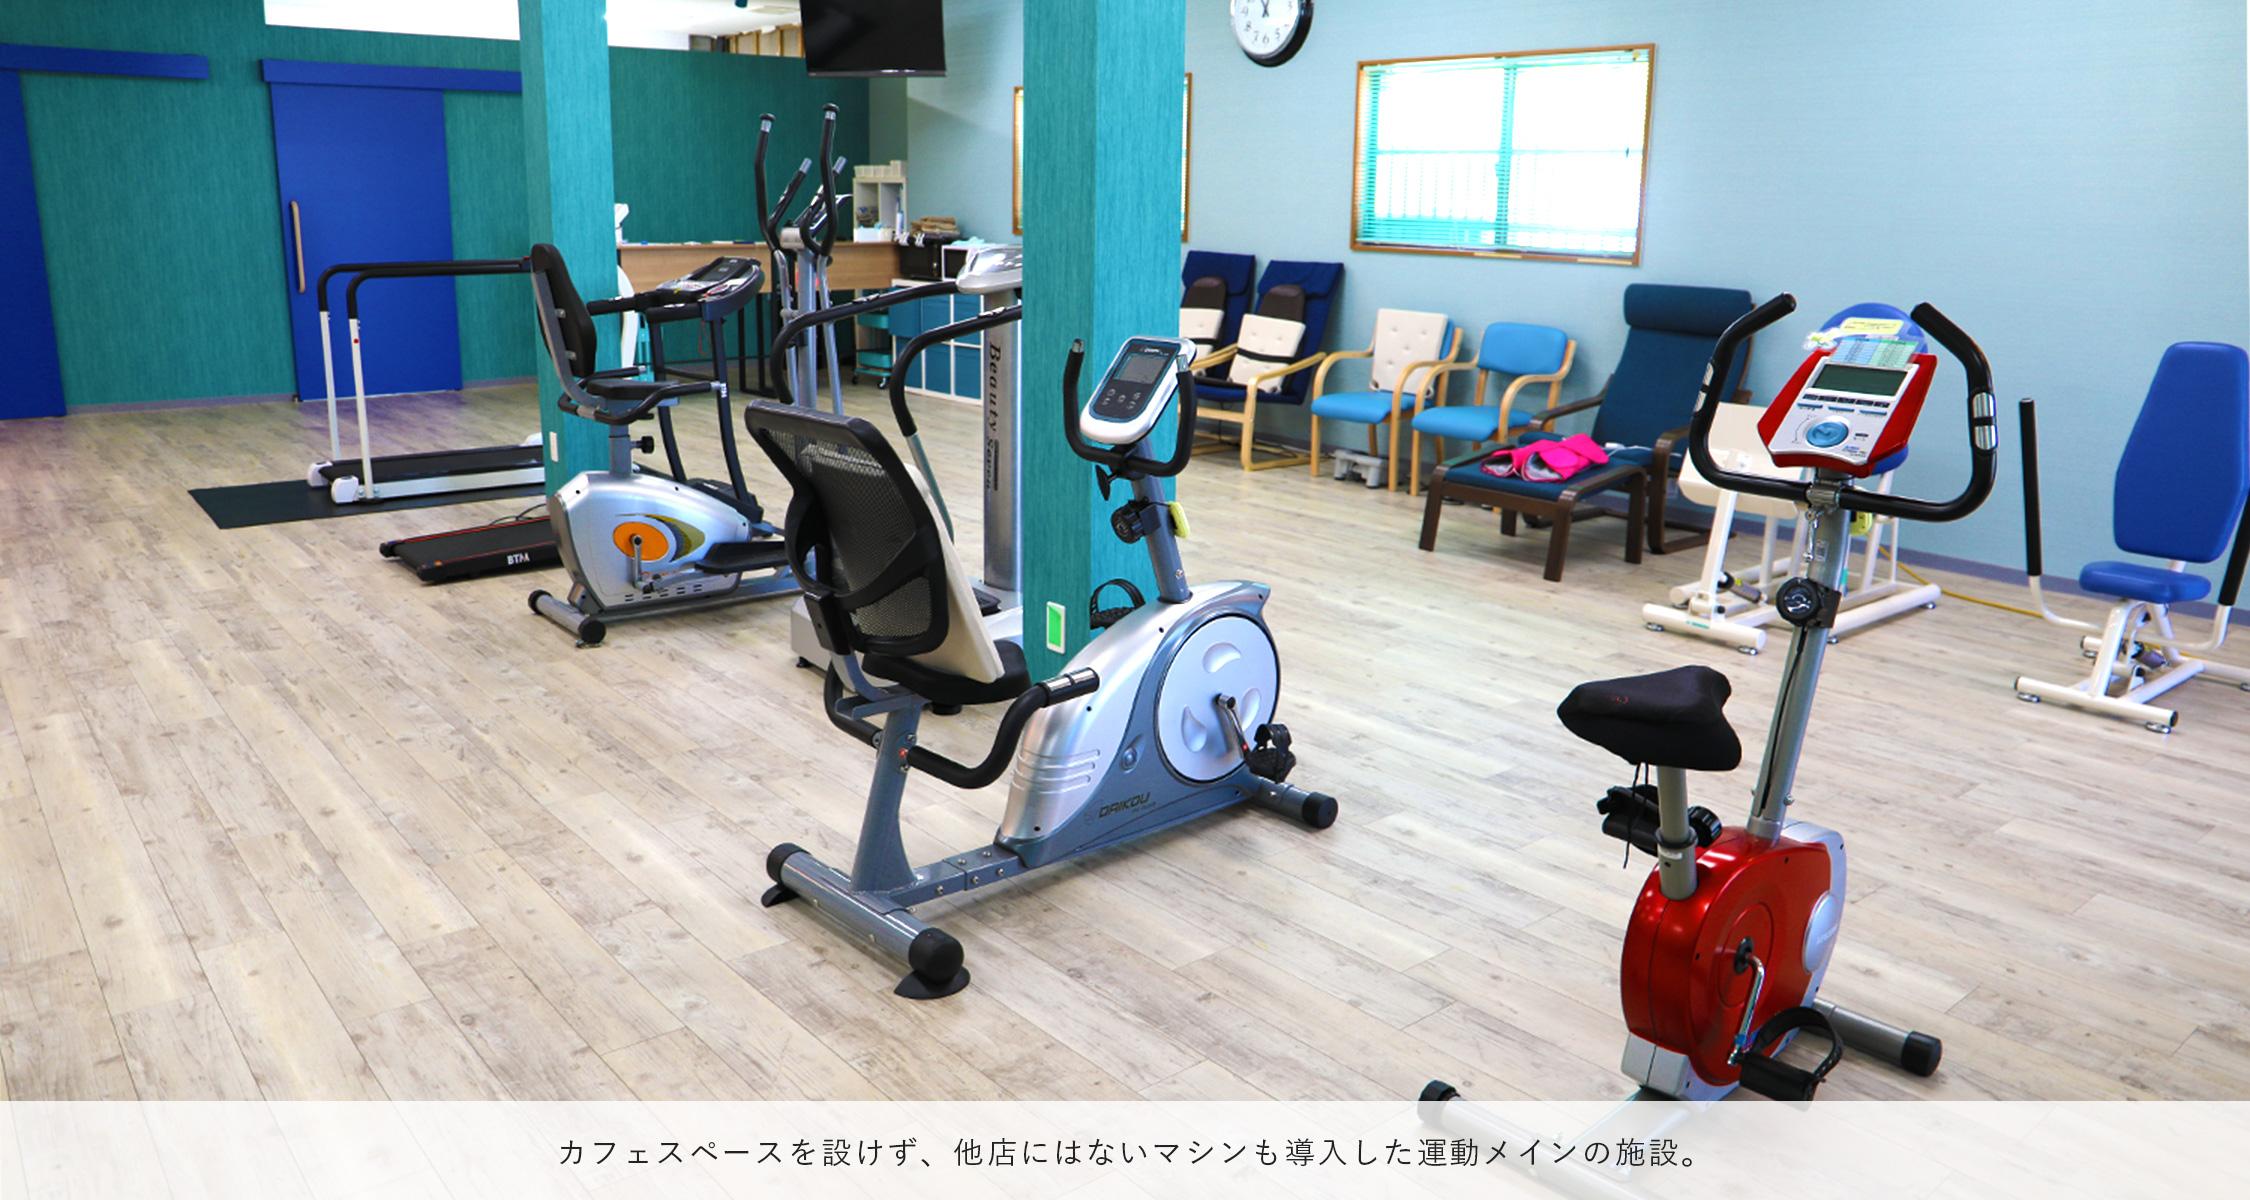 カフェスペースを設けず、他店にはないマシンも導入した運動メインの施設。